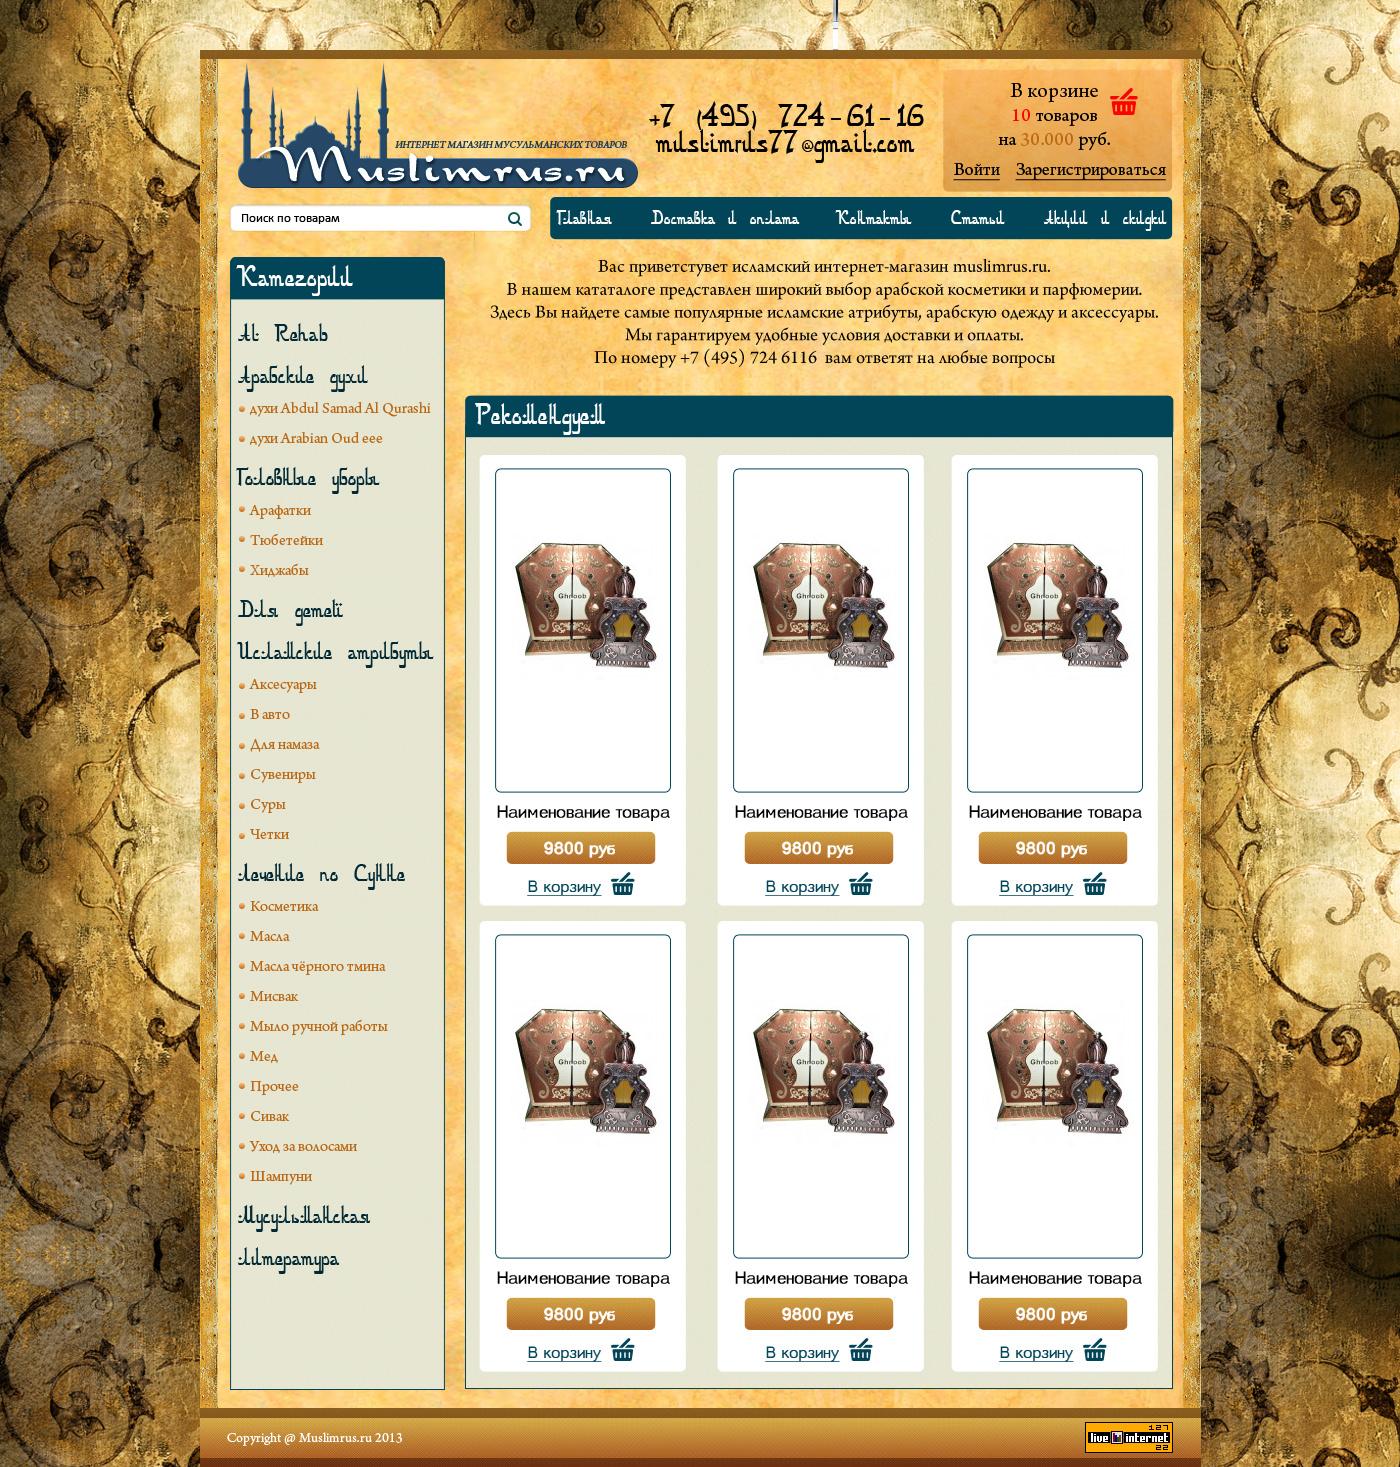 Интернет магазин мусульманских товаров